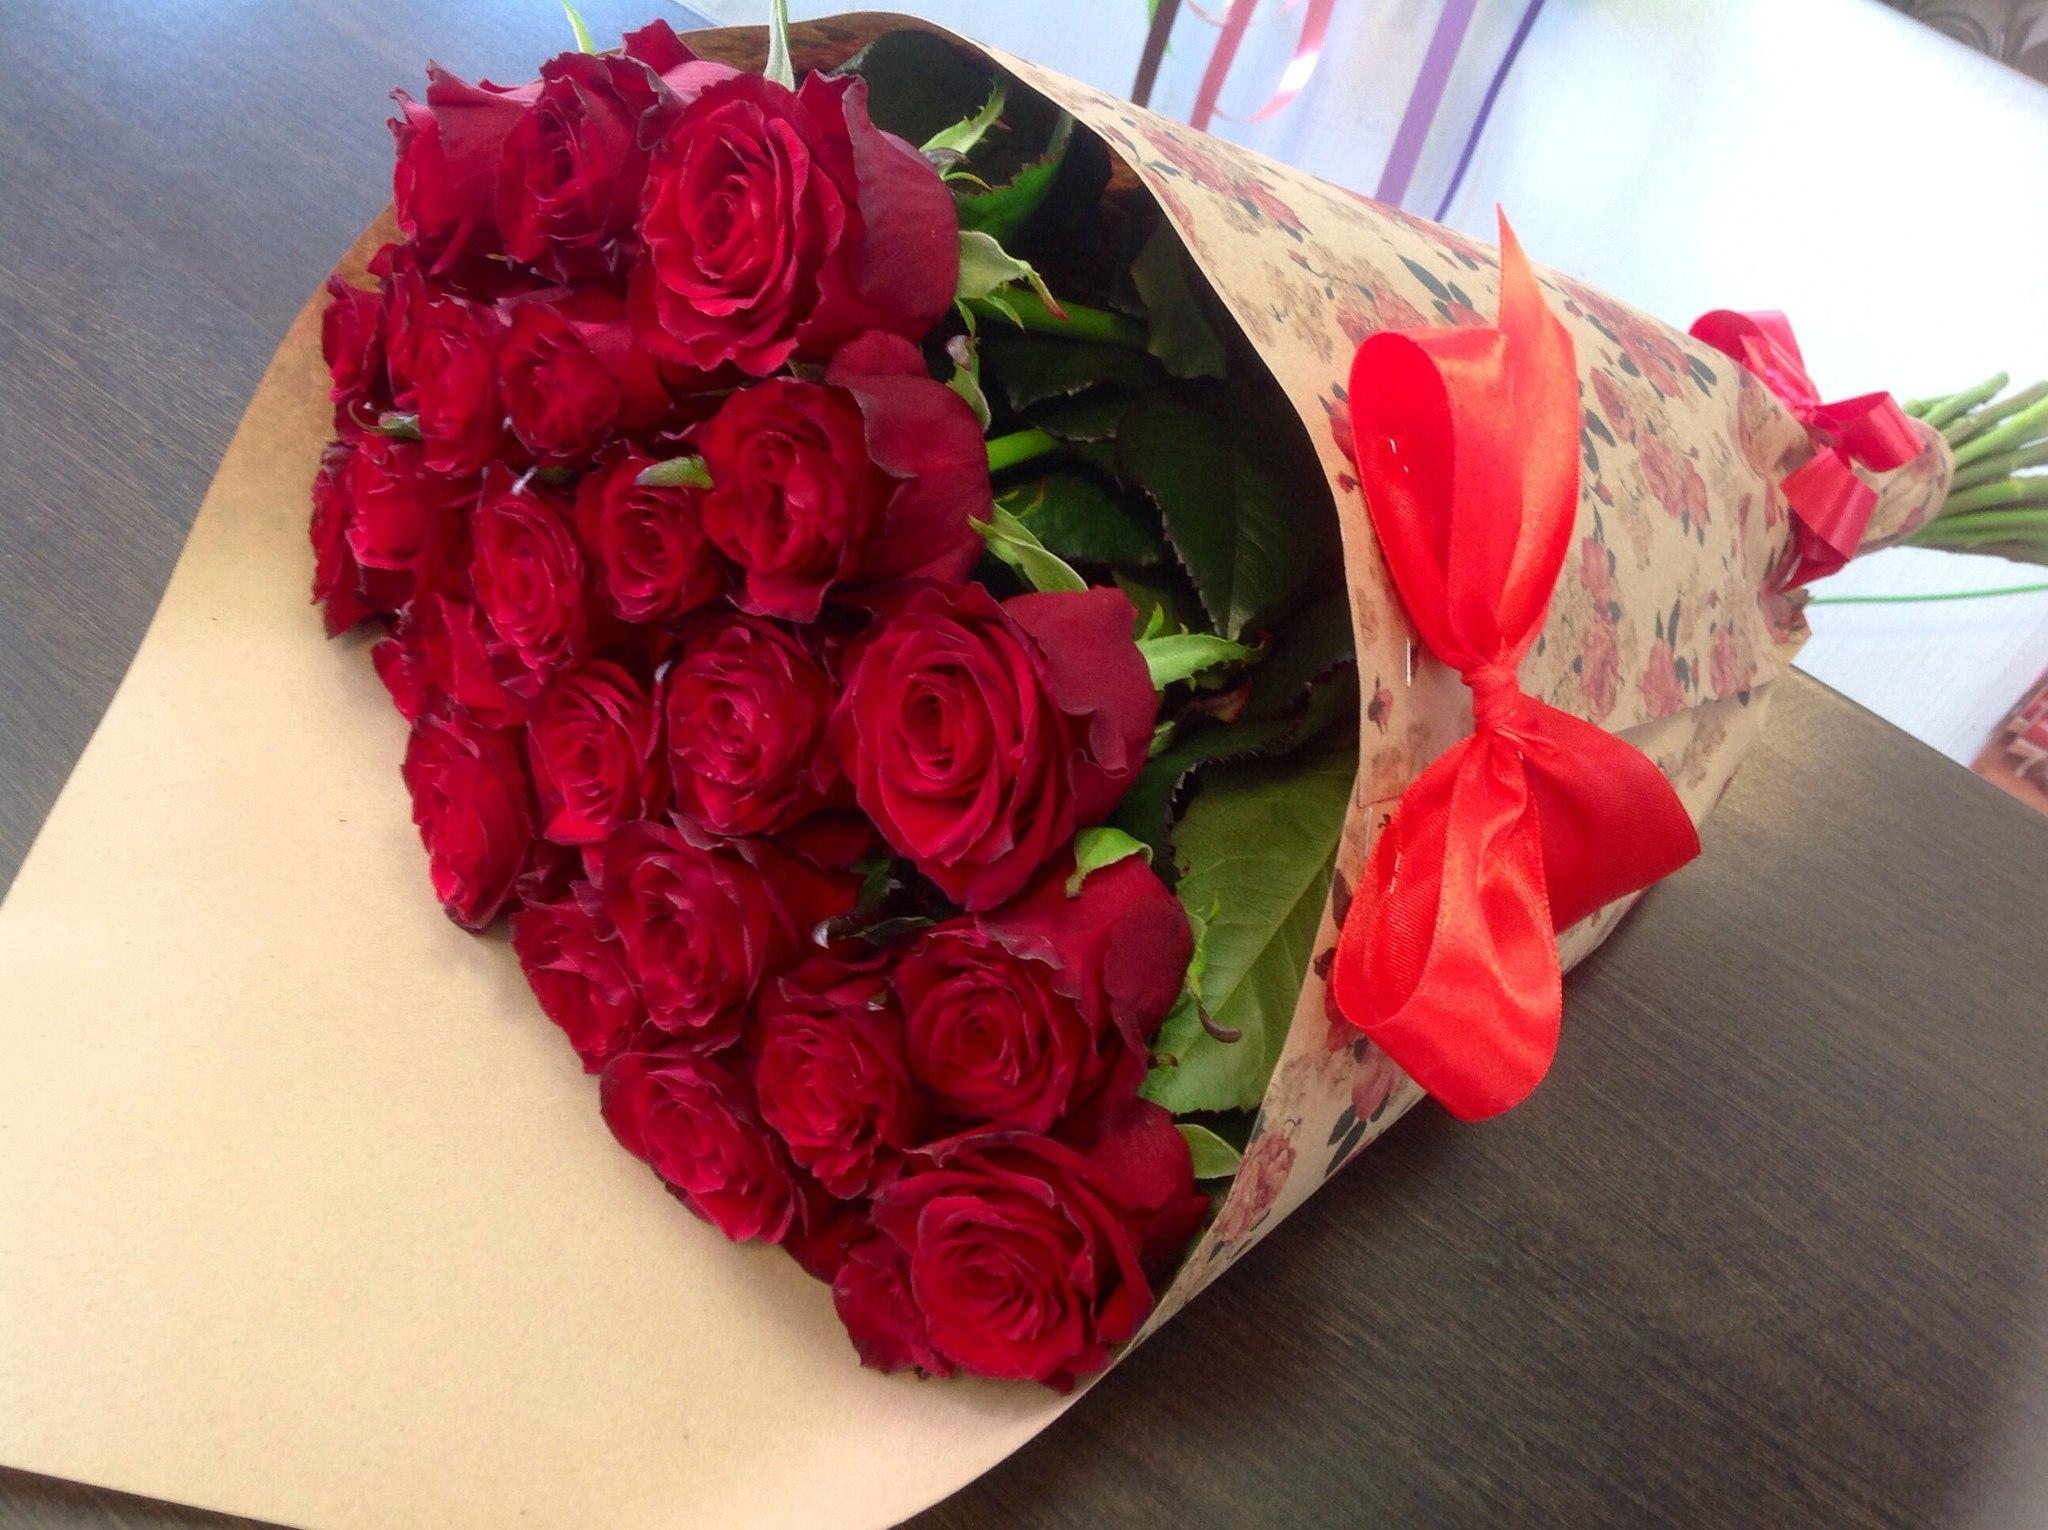 Картинки цветы букеты роз в руках, выходом